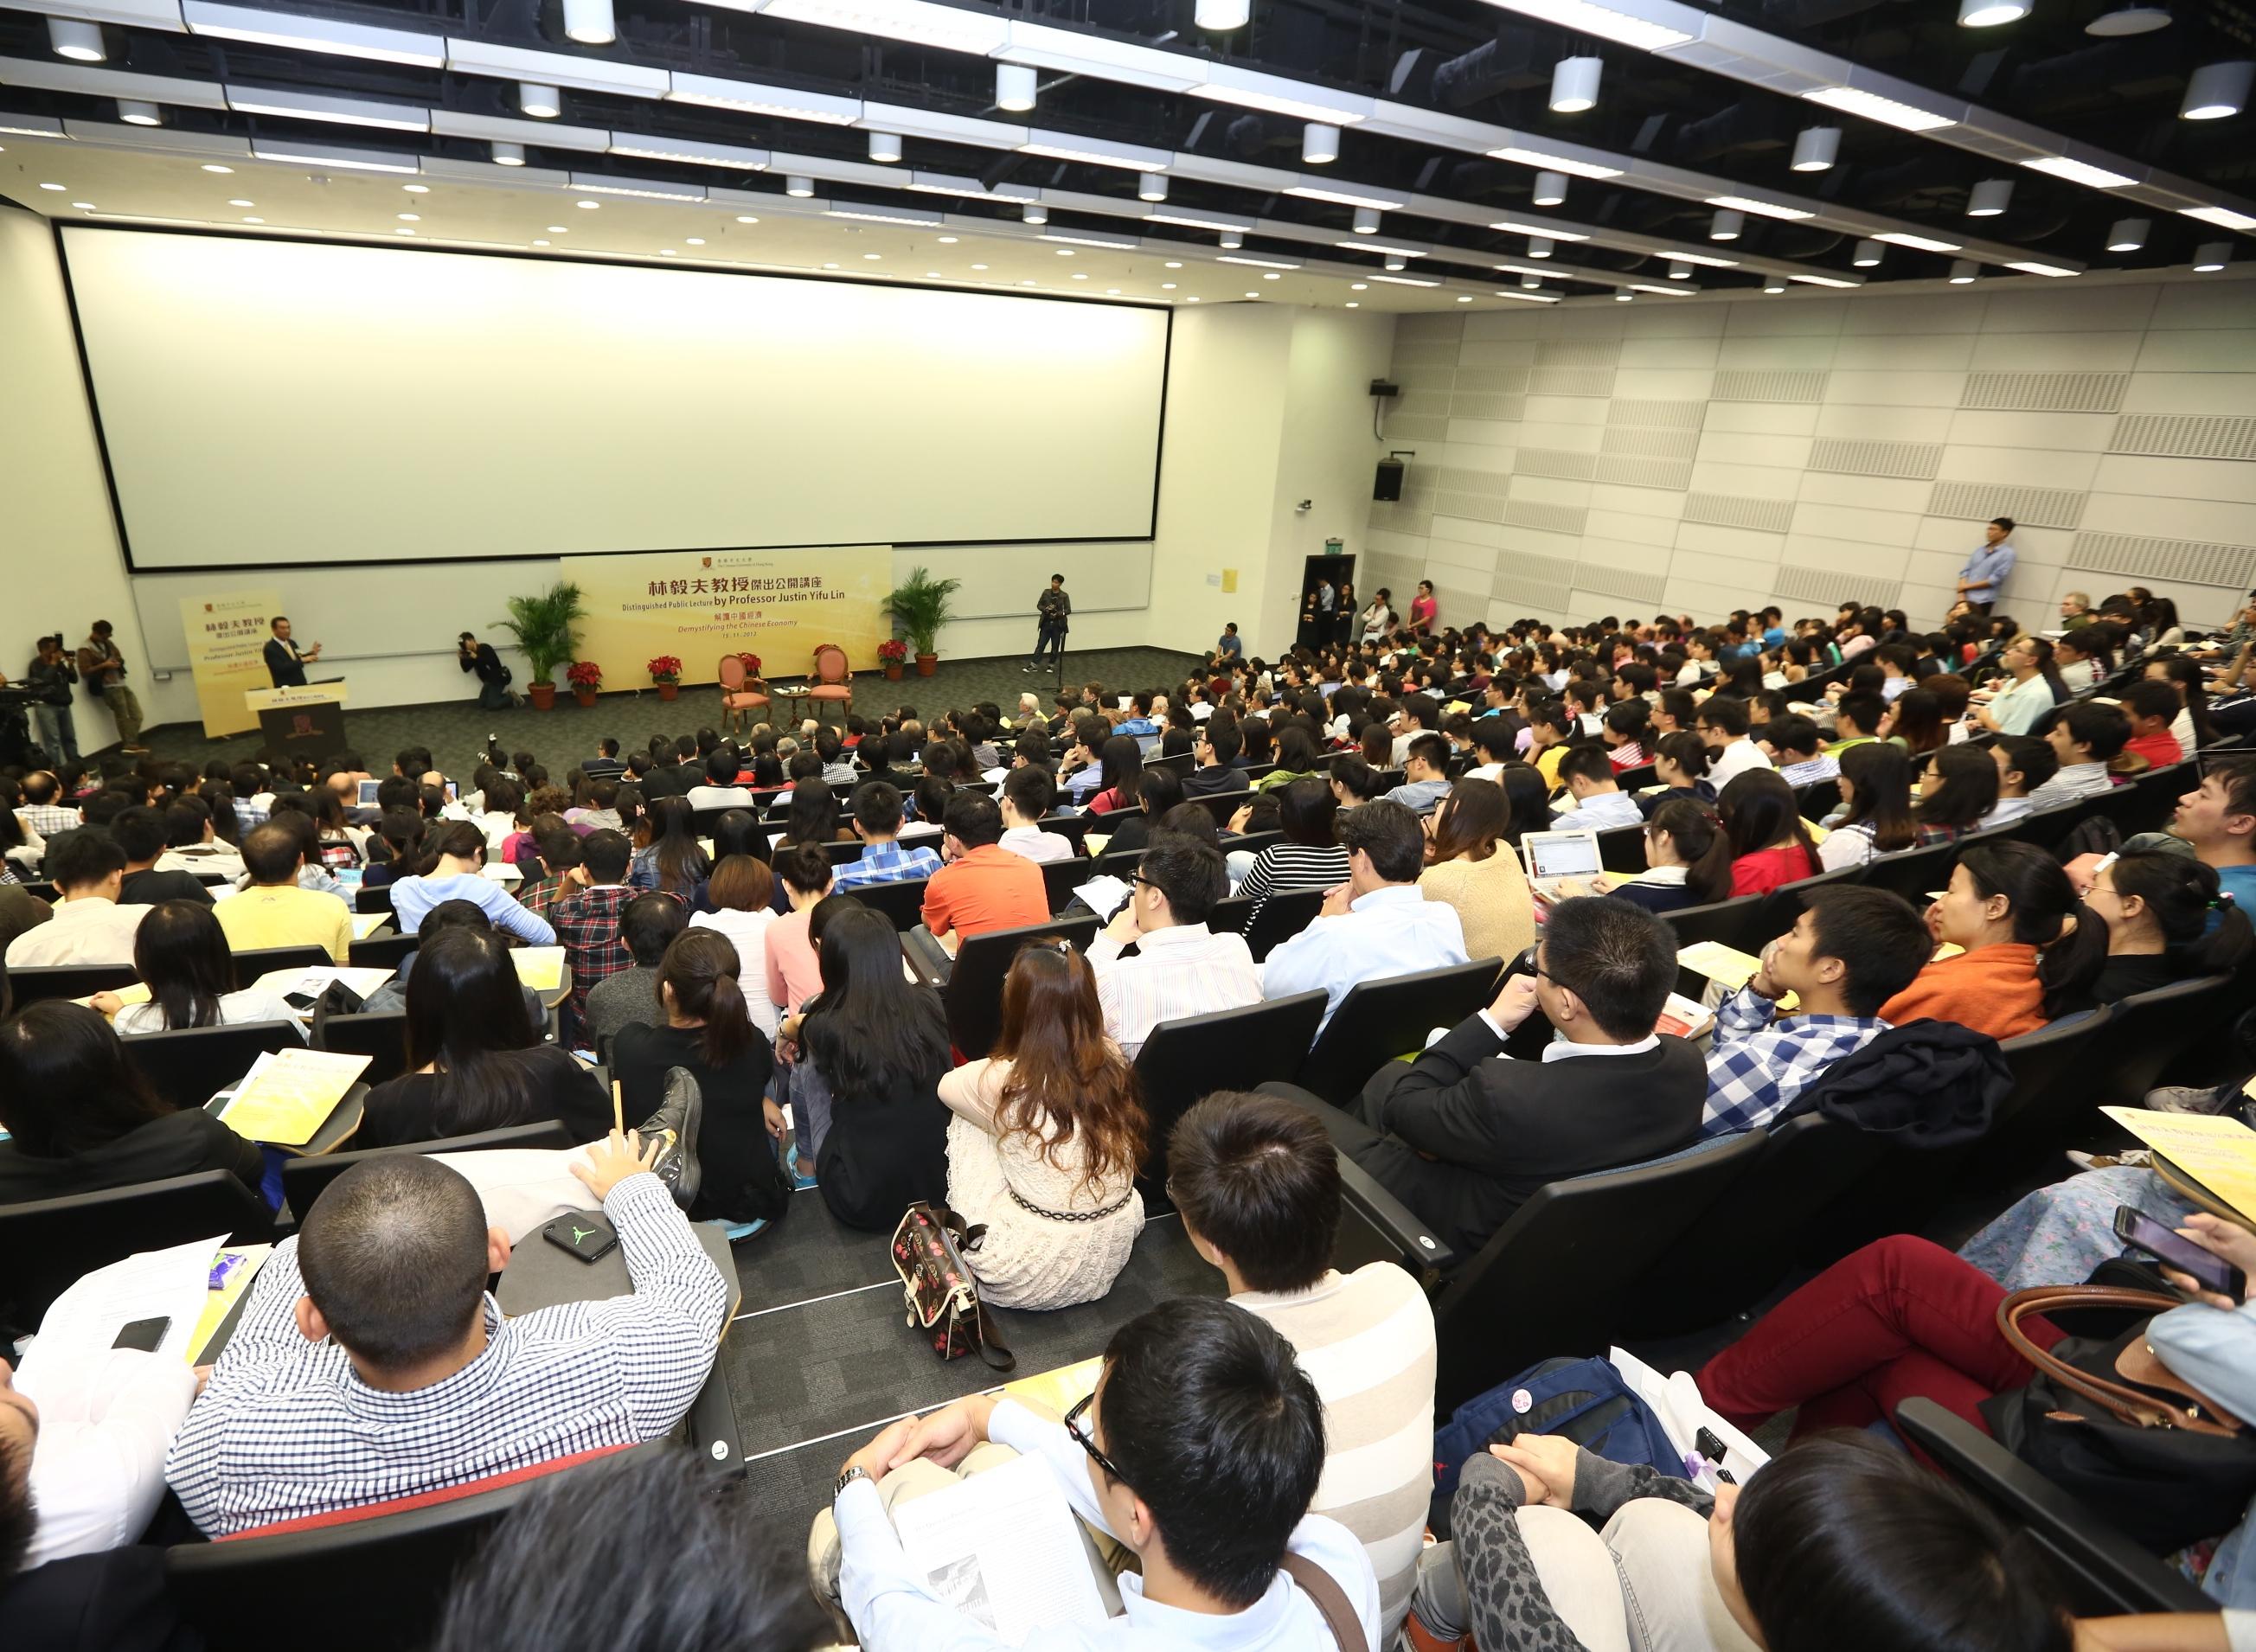 講座反應熱烈,不少聽講者席地而坐。